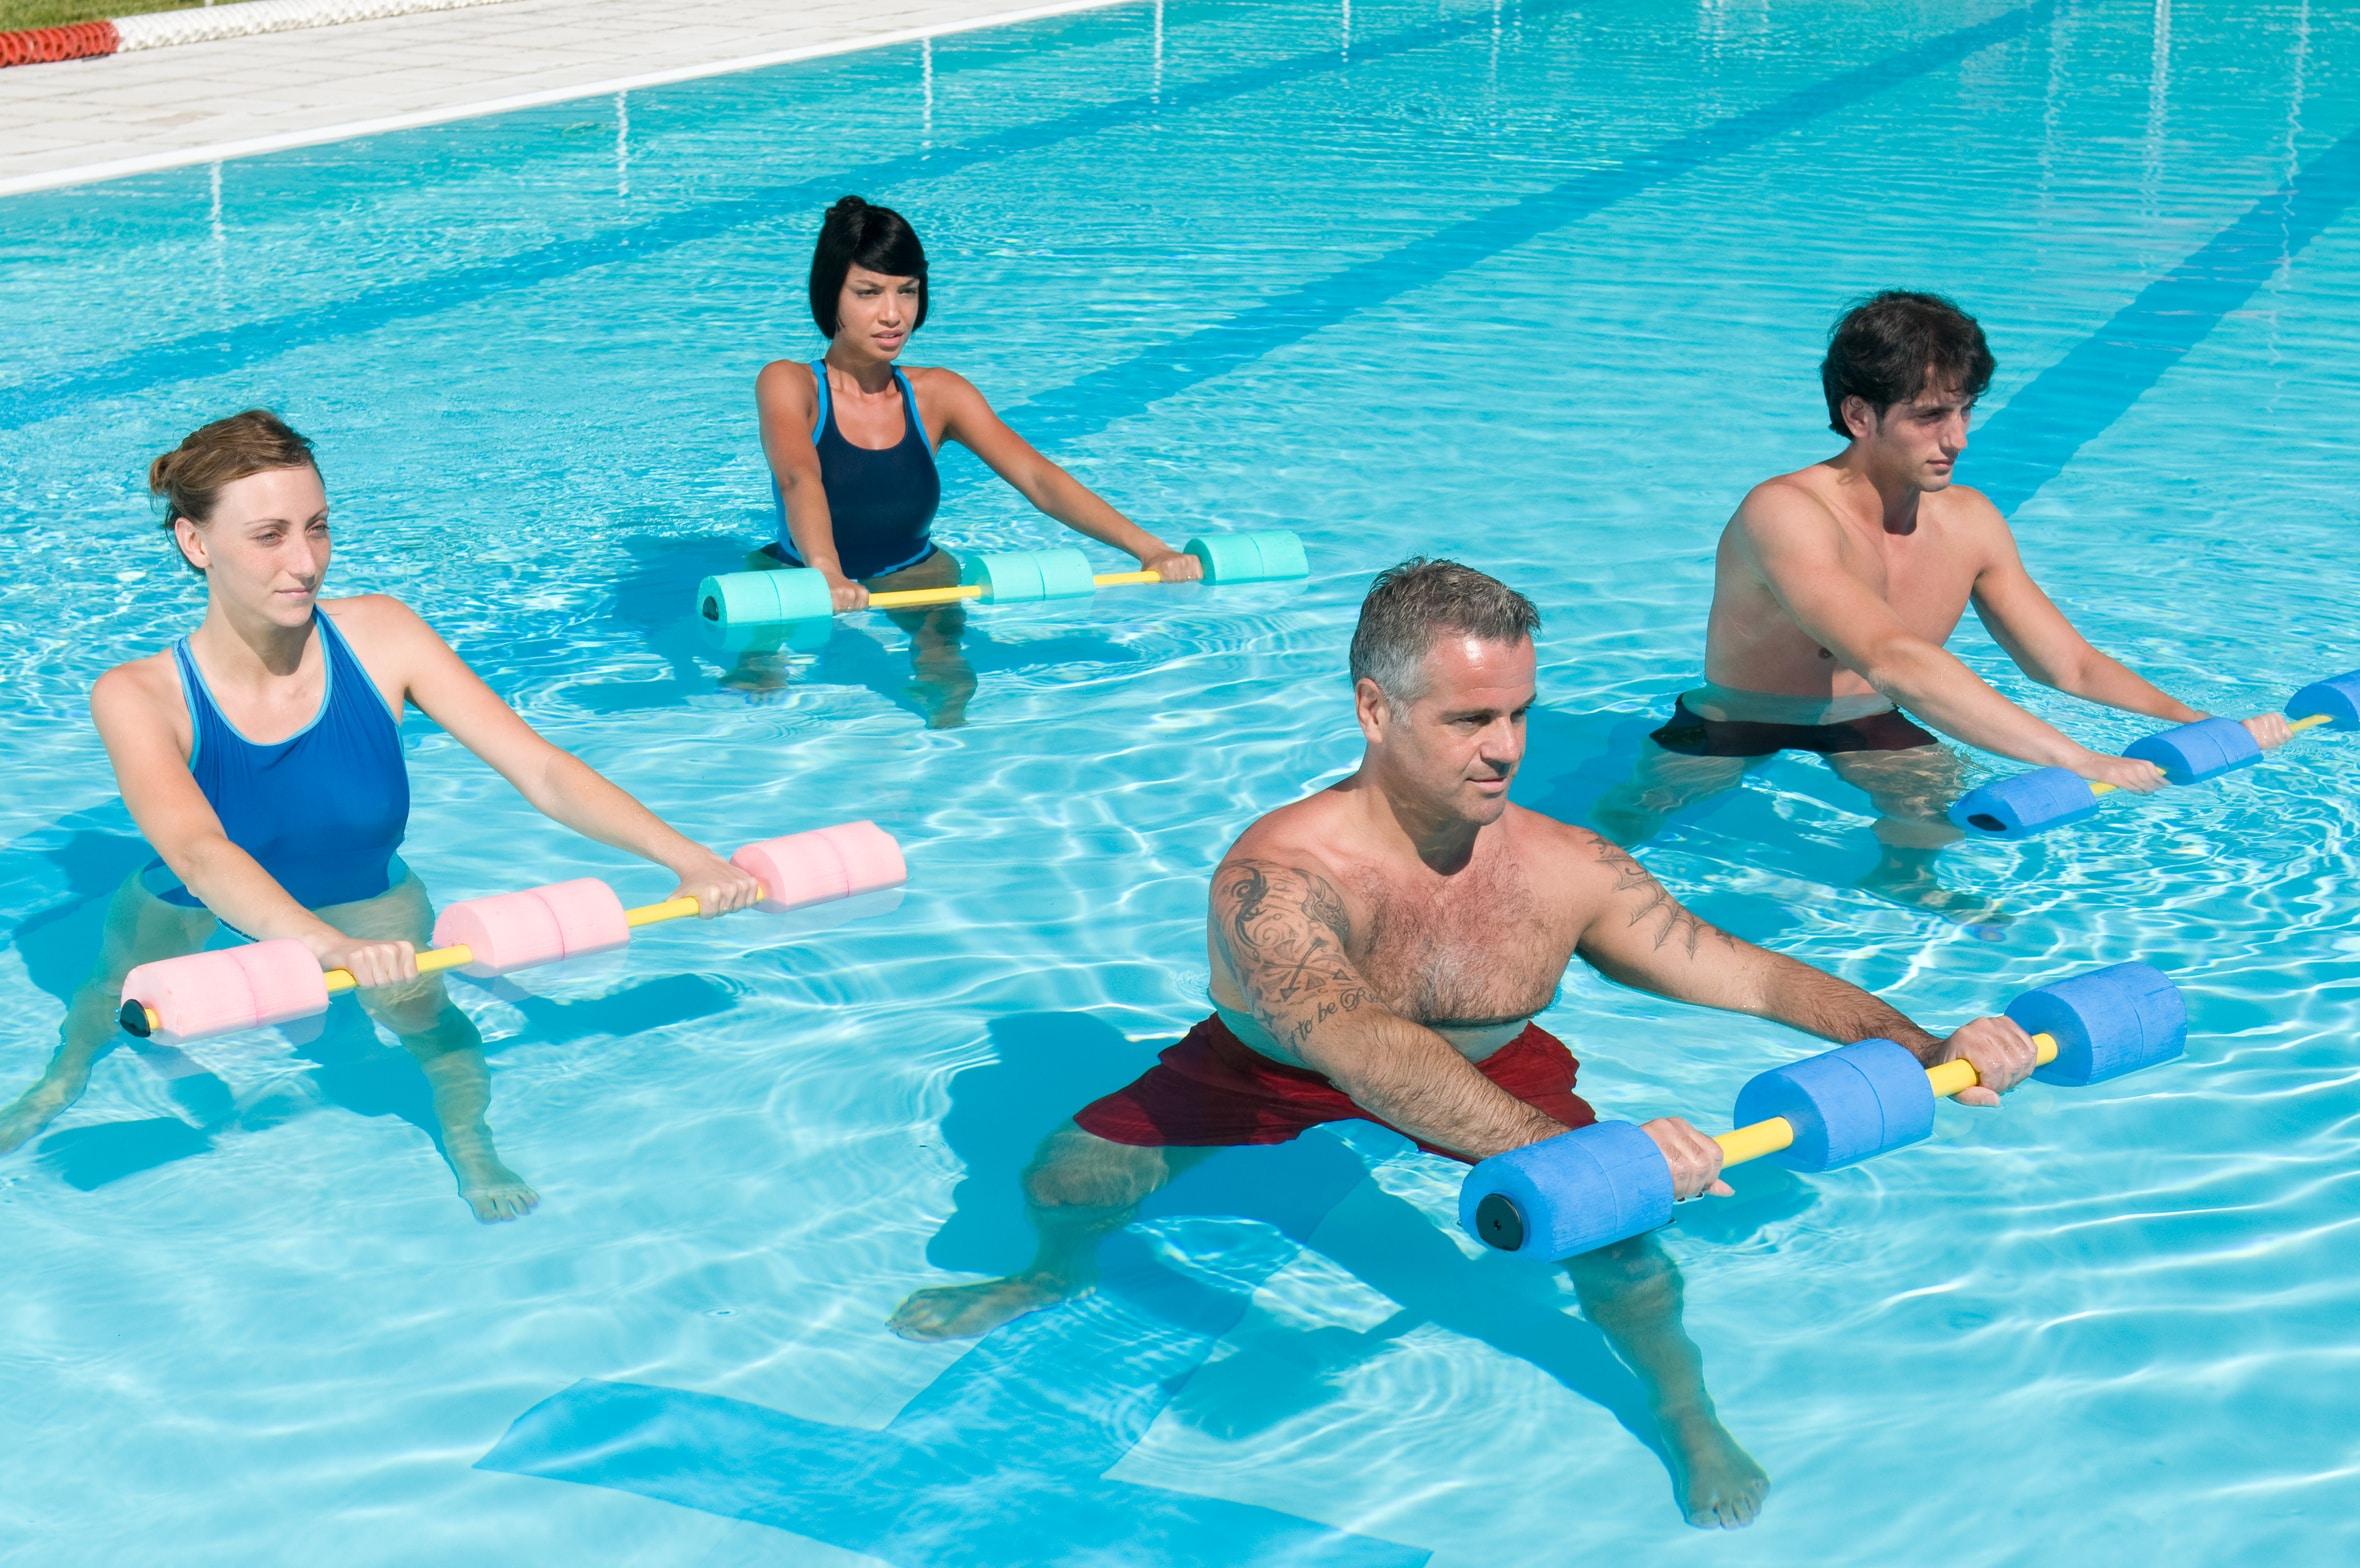 ejercicios-en-la-piscina-para-adelgazar-4